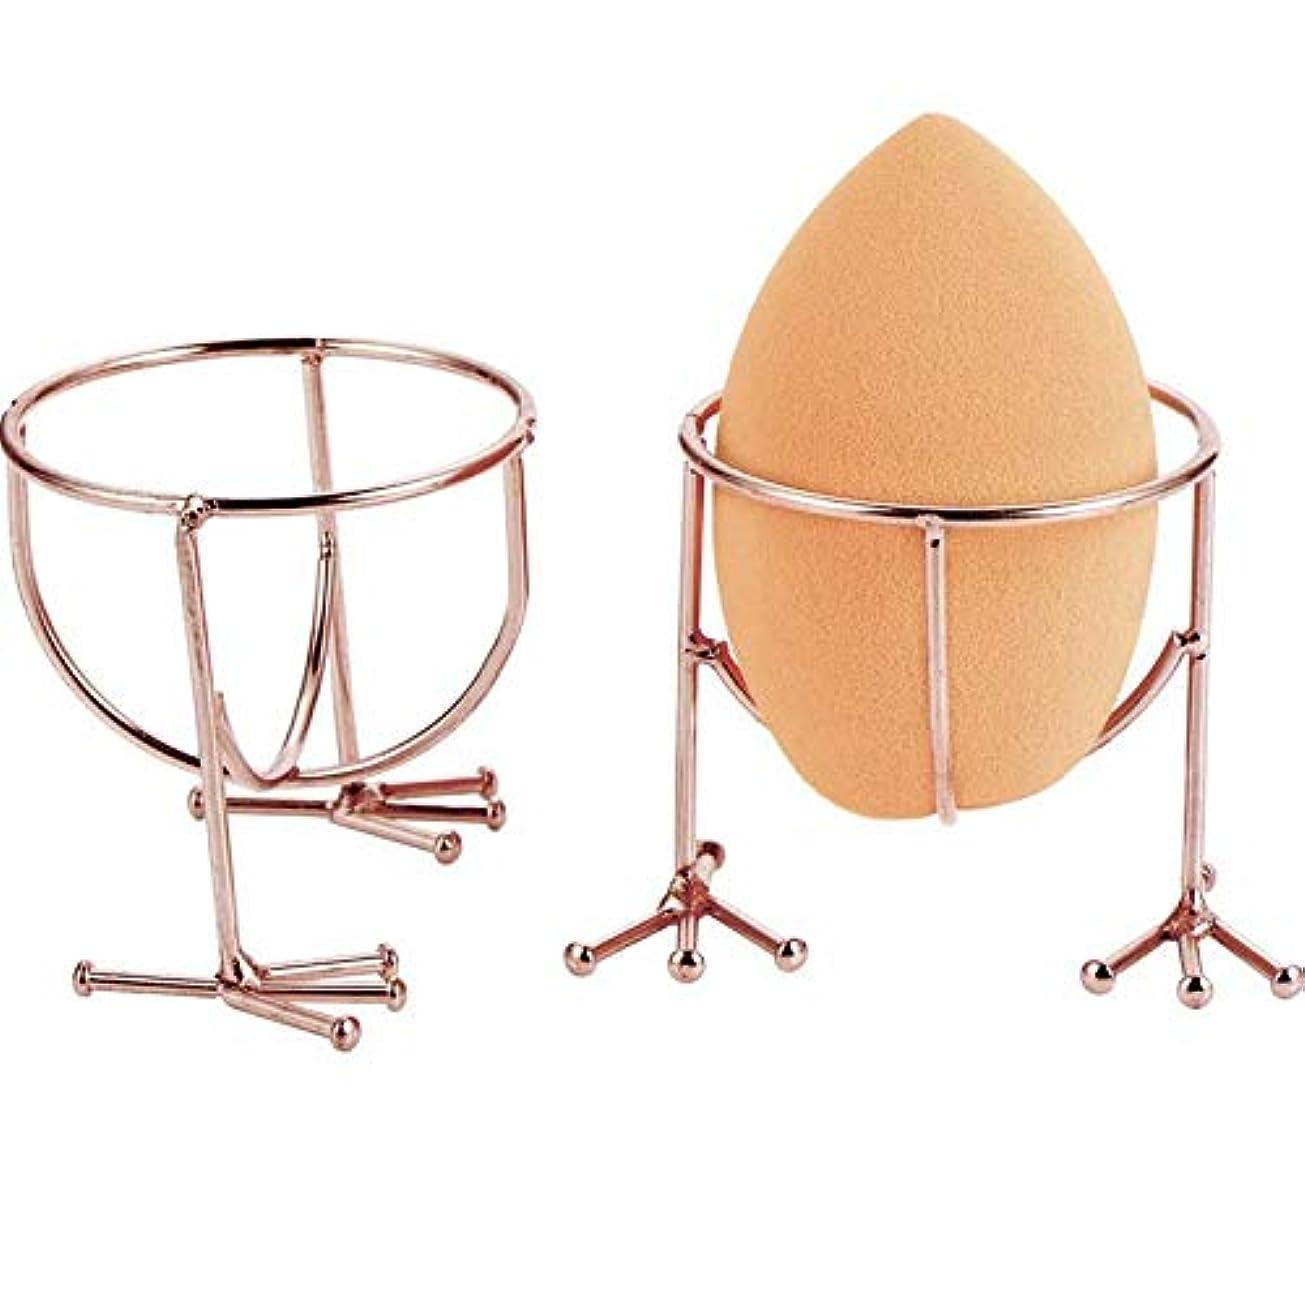 コックたぶんたぶんSODIAL 化粧スポンジホルダー卵スポンジスタンドパフ陳列スタンドドライヤーラック化粧スポンジサポート(スポンジは含まれていません)、2個、ローズゴールド